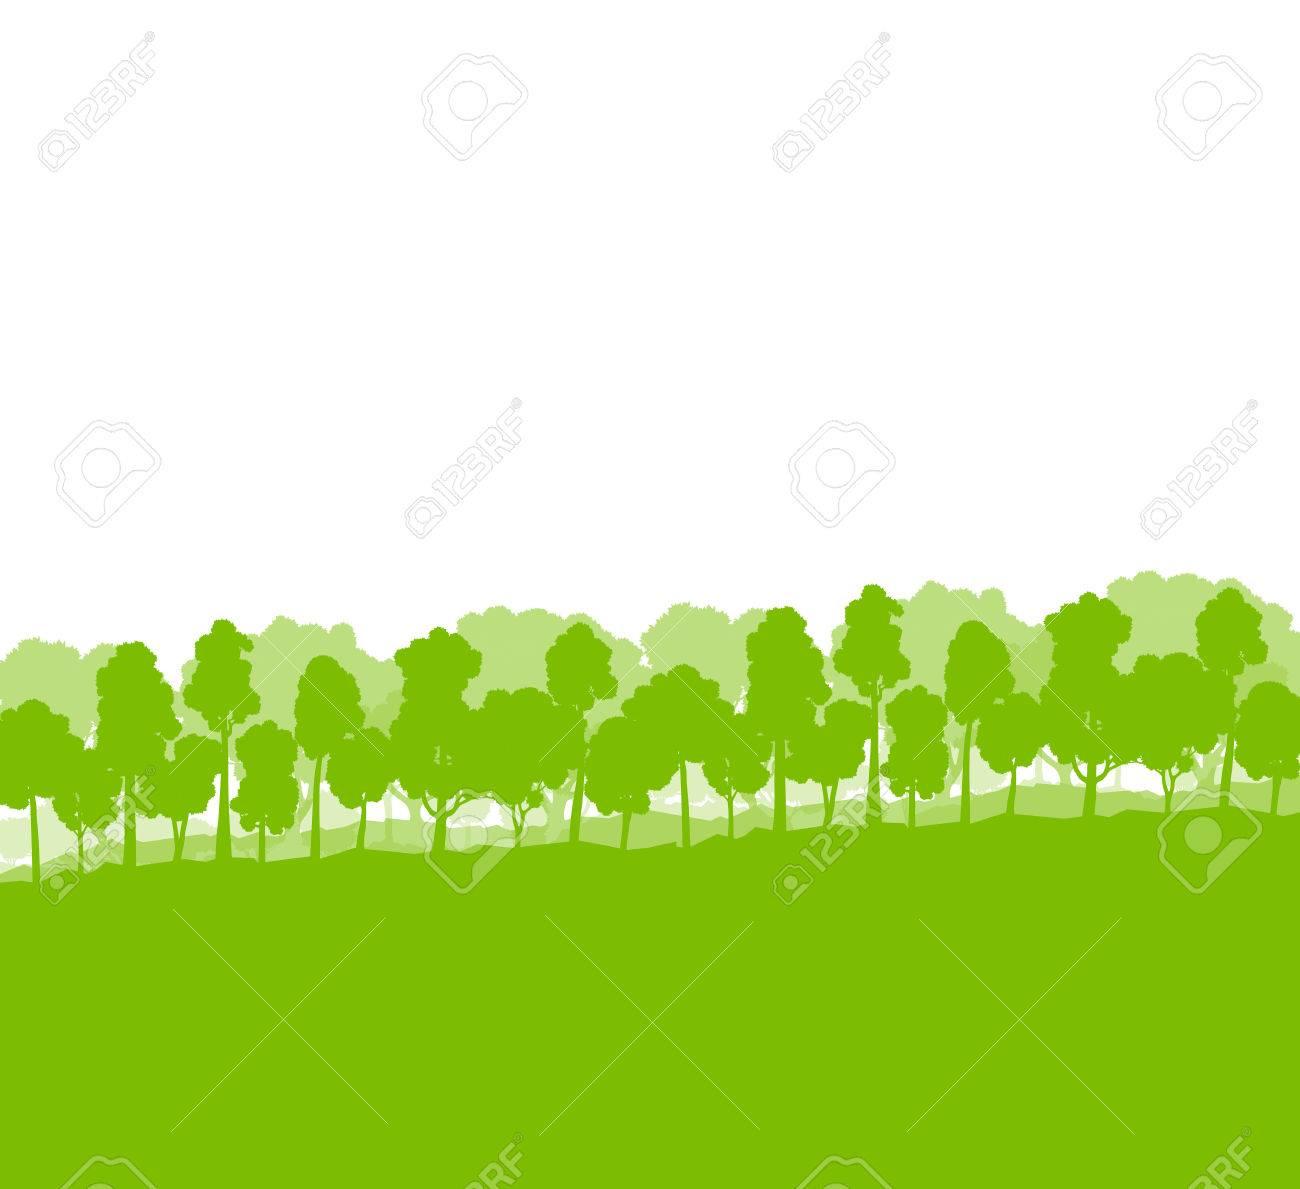 森の木のシルエット風景イラスト背景生態ベクトル コンセプト